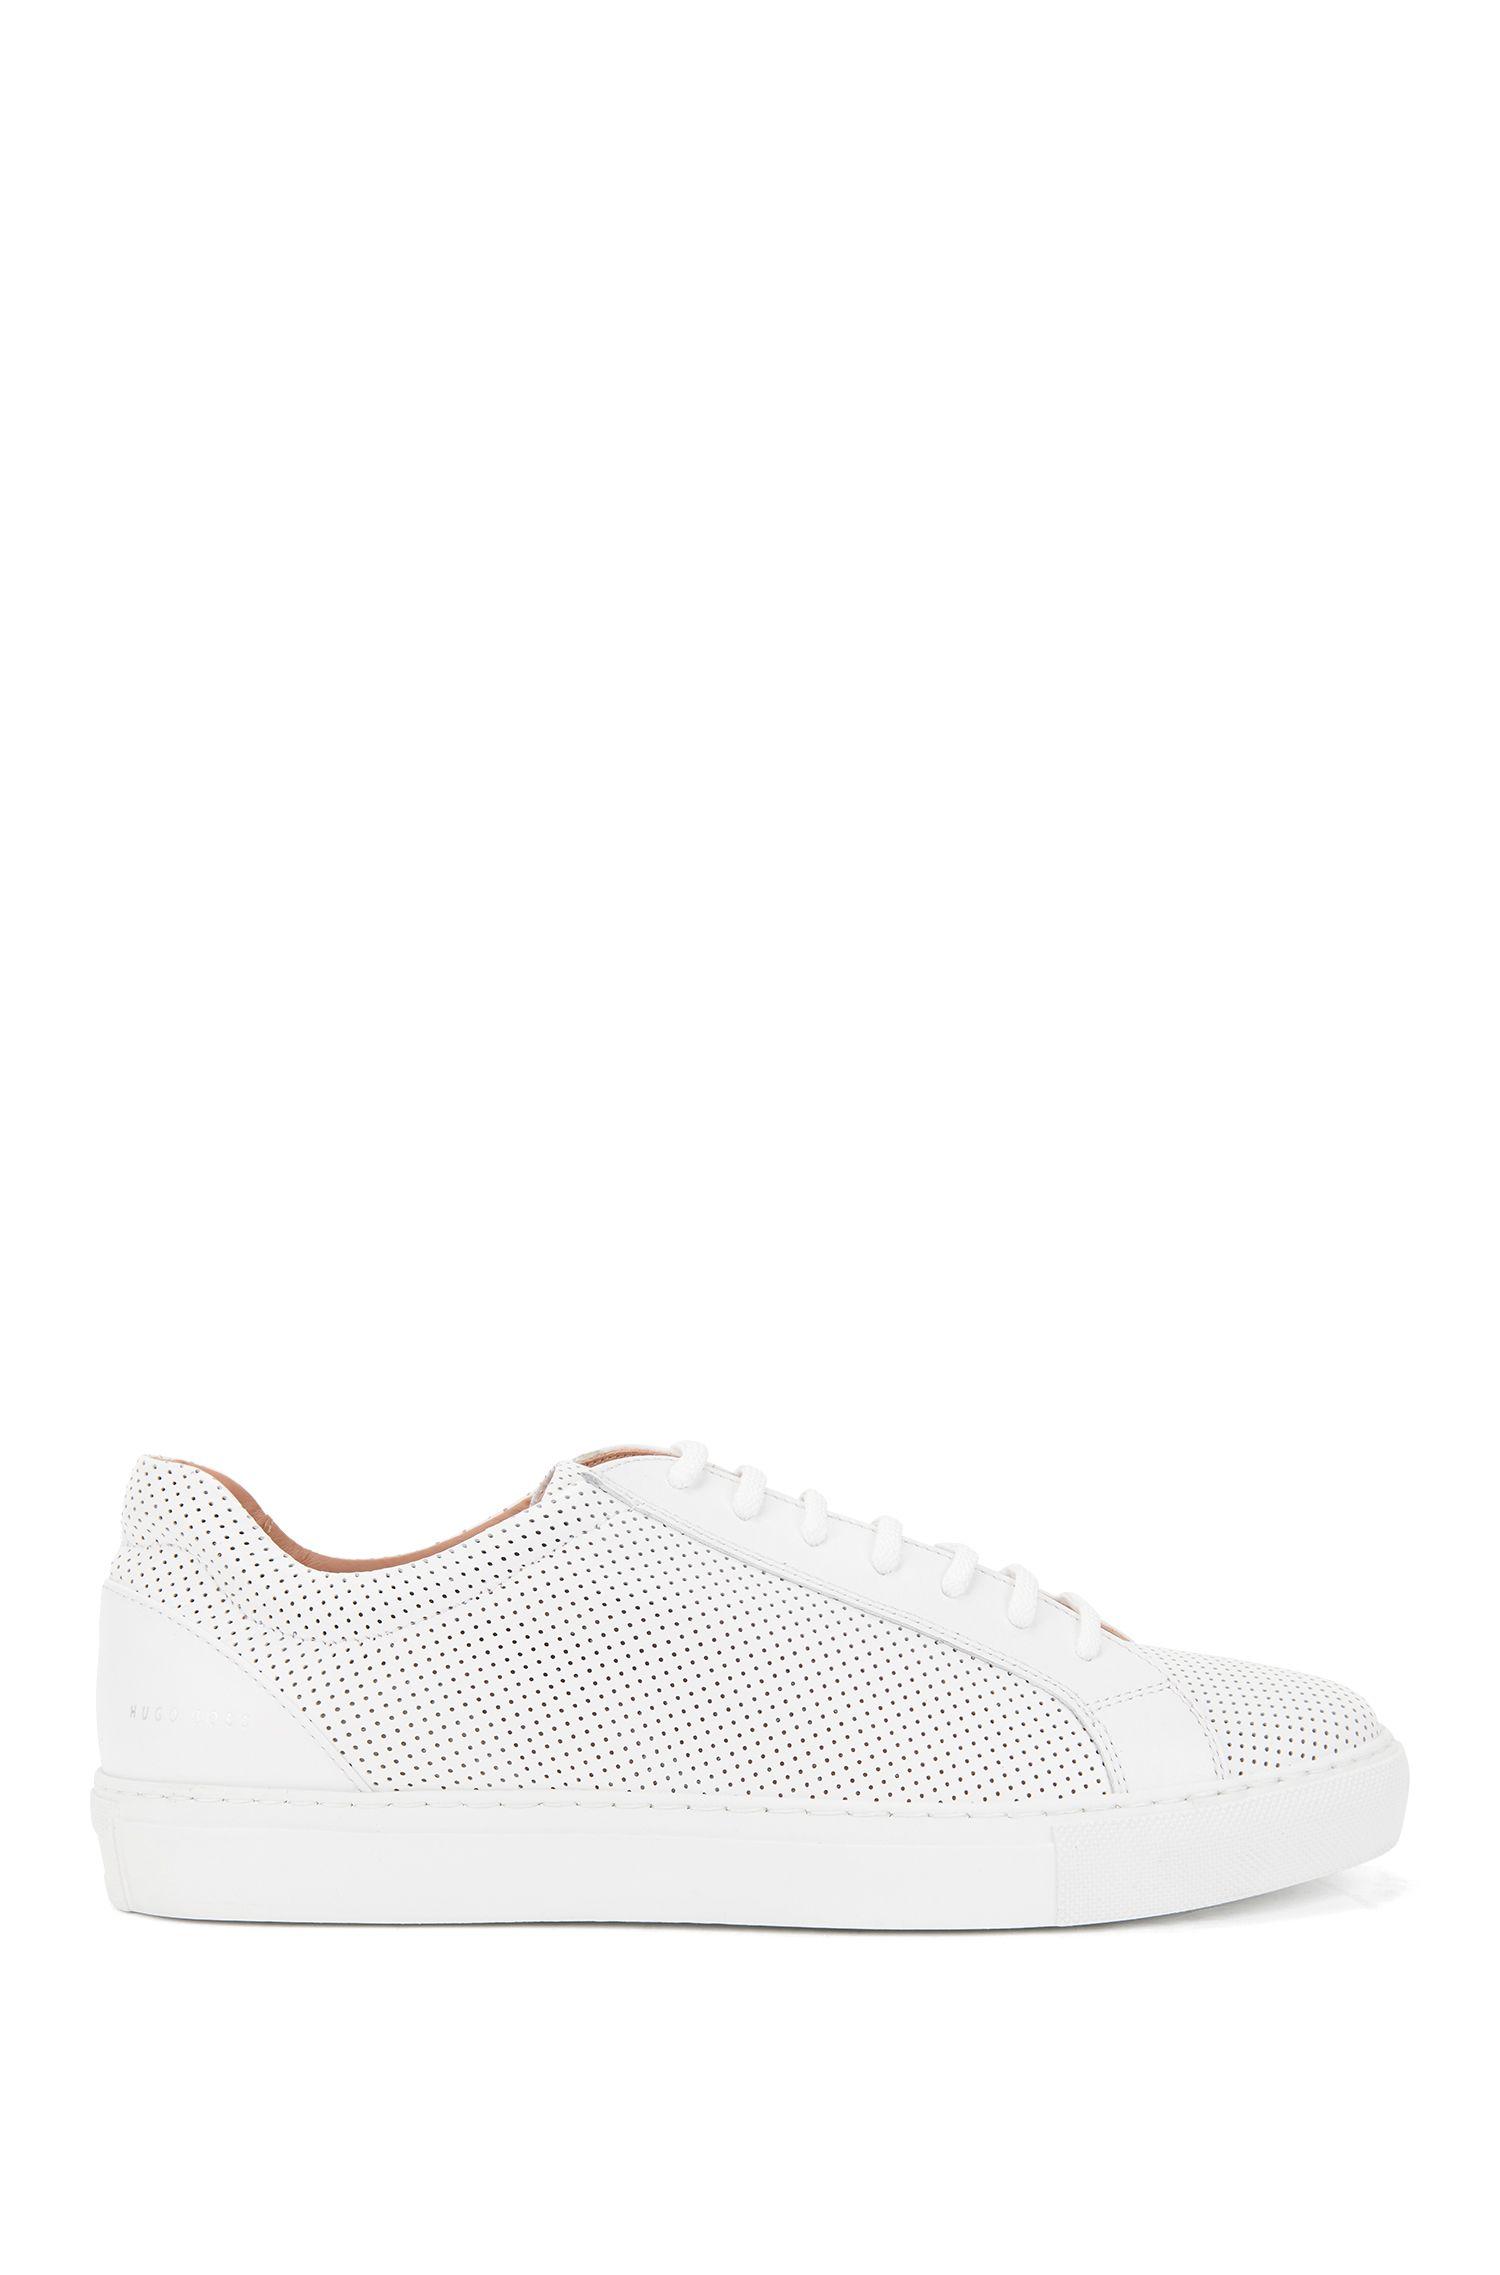 Sneakers aus italienischem Leder mit Perforationen